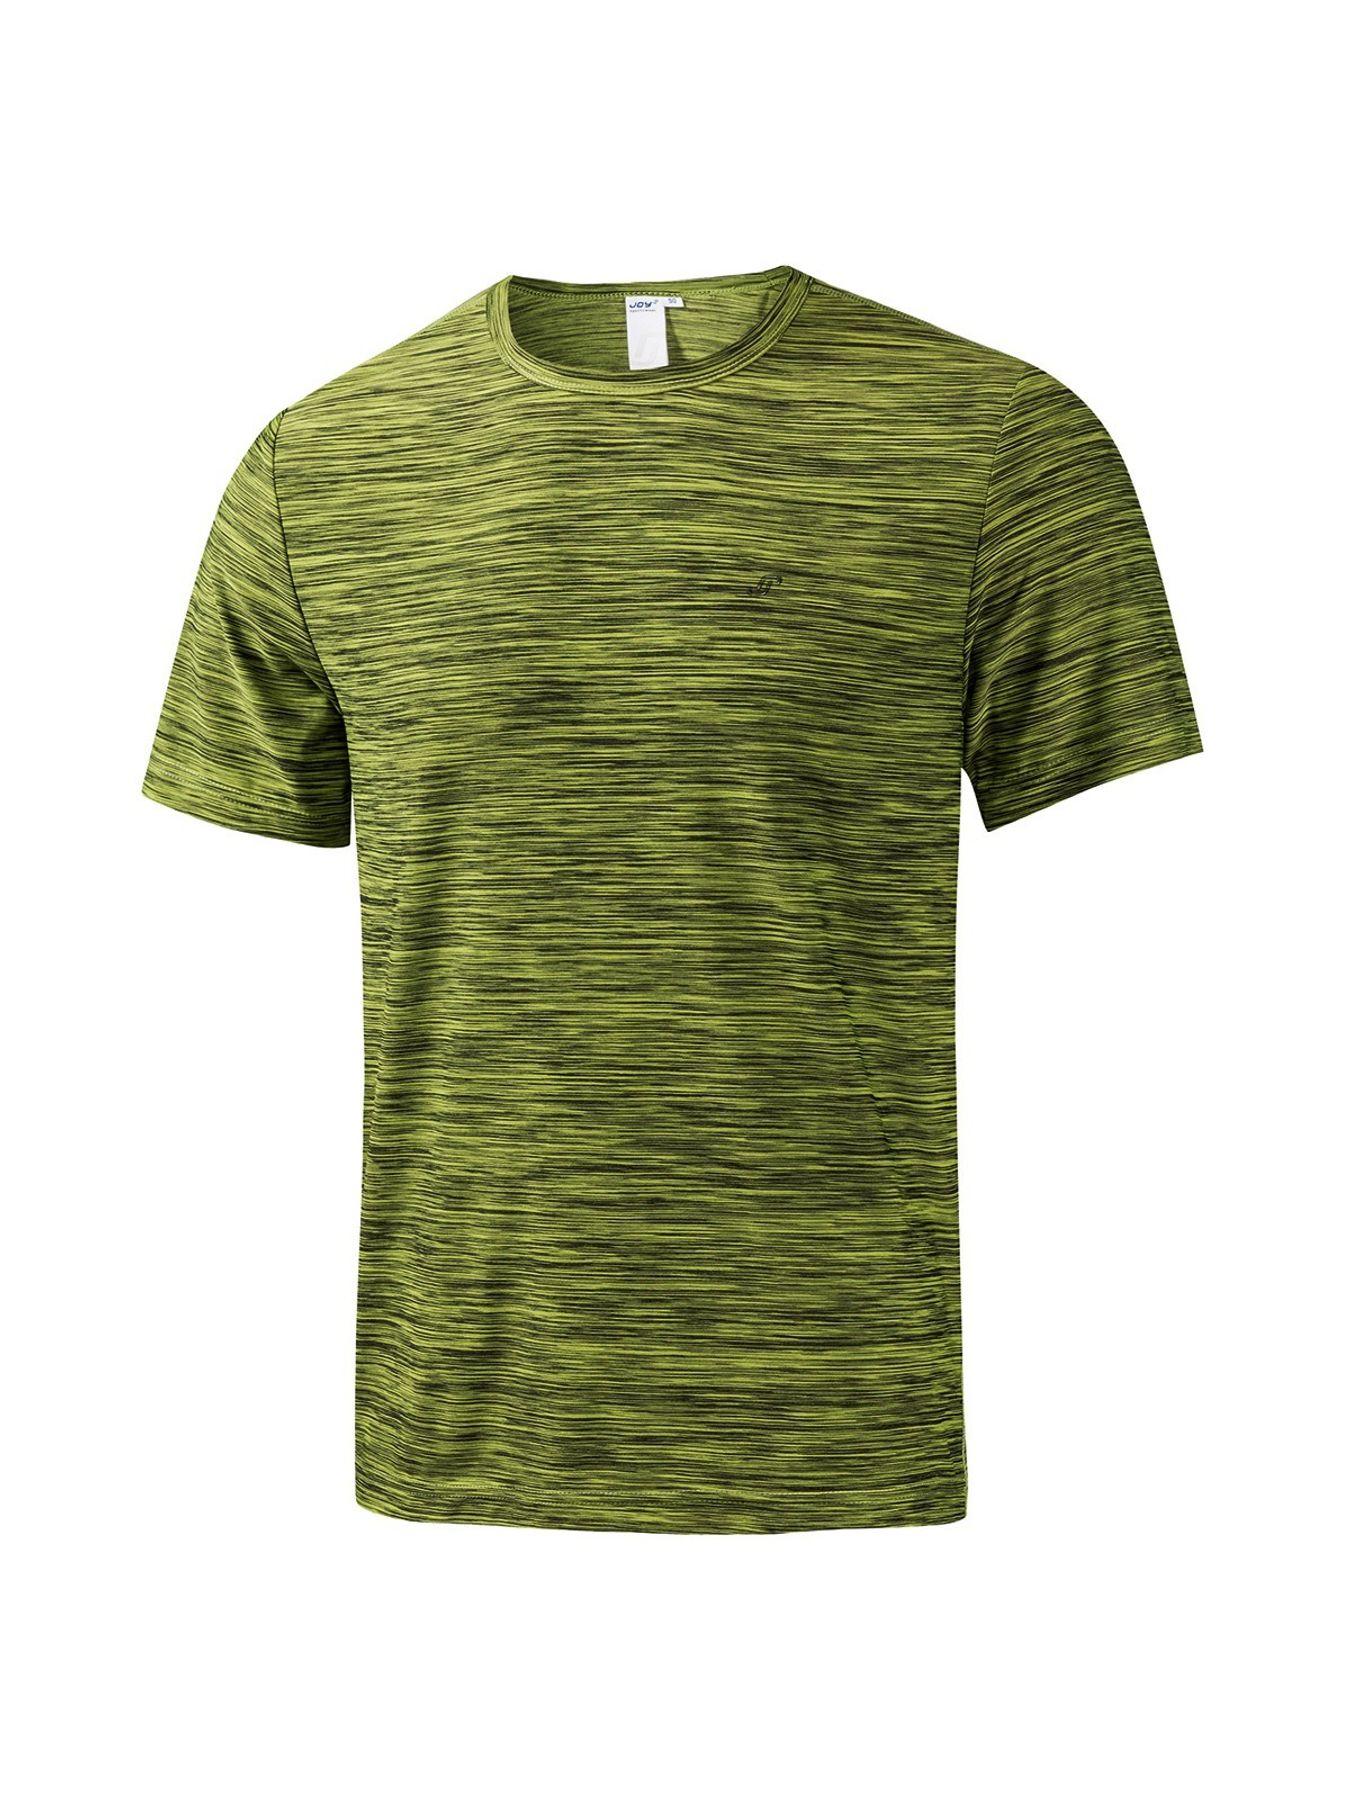 Joy - Herren Sport und Freizeit Shirt mit Rundhalsausschnitt, Vitus (40205) – Bild 15